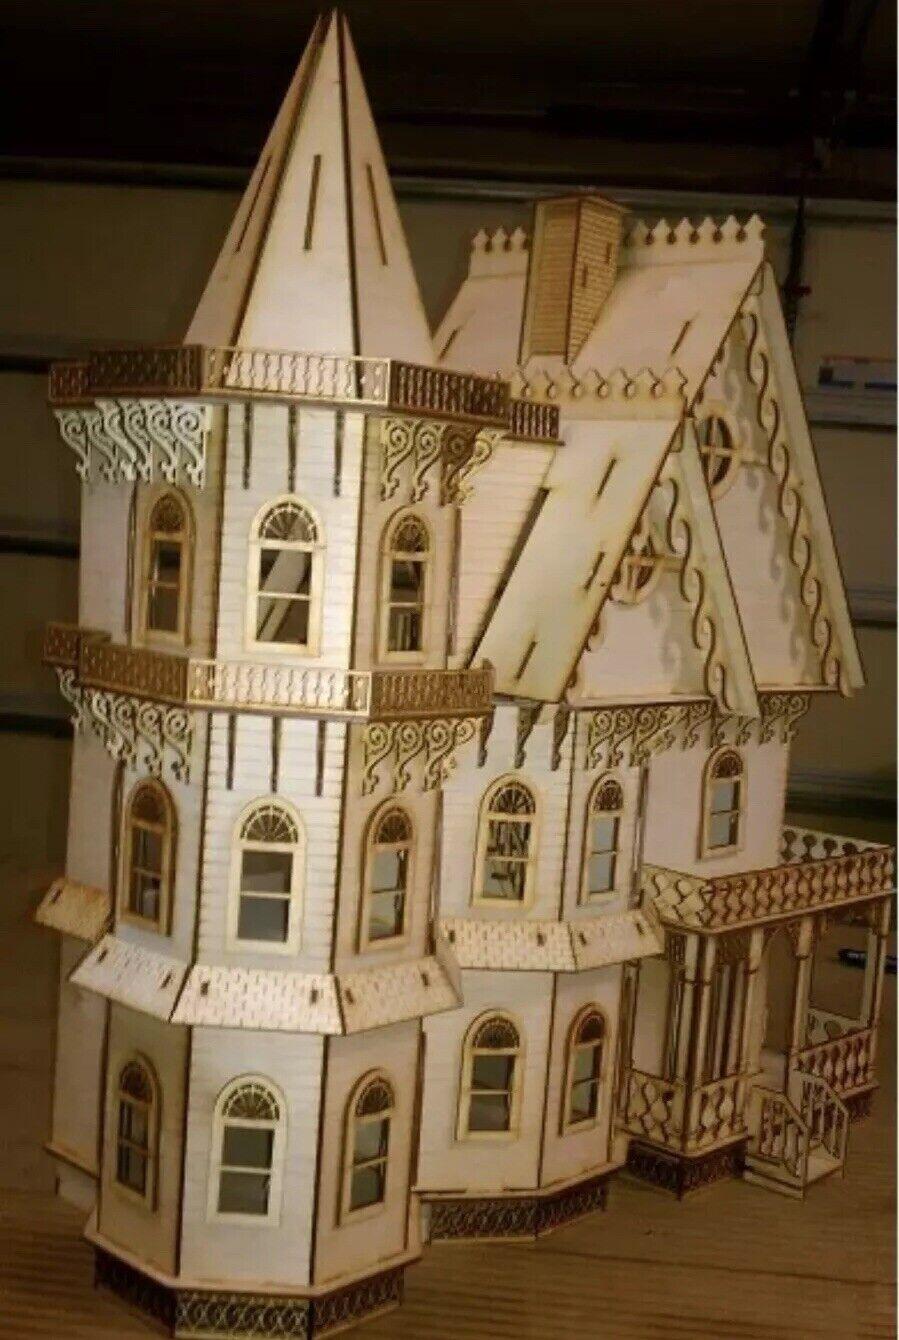 Leon mansión Victoriana Gótica Casa De Muñecas media pulgada 1 24 Escala Kit